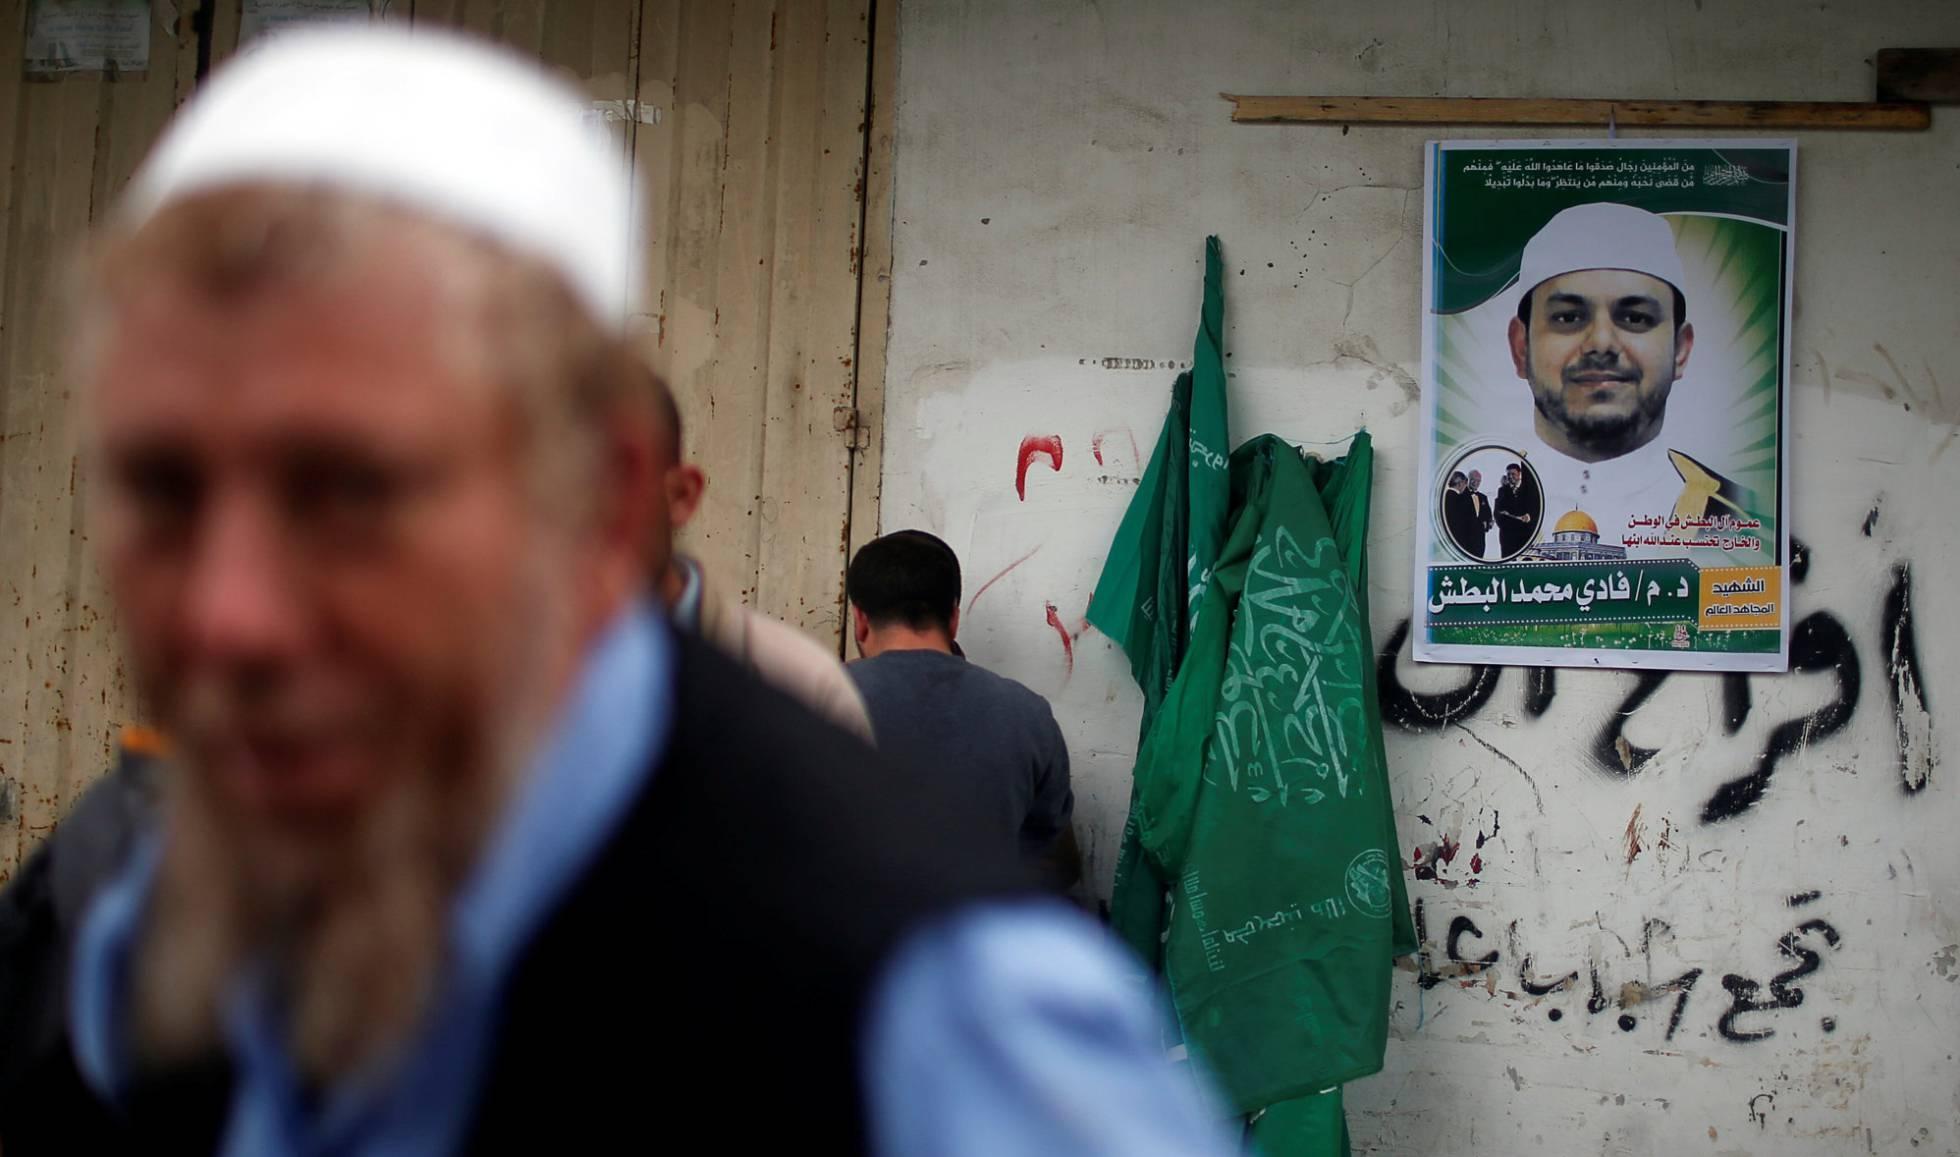 Palestina: Violencia ejercida por Israel en la ocupación. Respuestas y acciones militares palestinas. - Página 17 1524411647_022551_1524412030_noticia_normal_recorte1